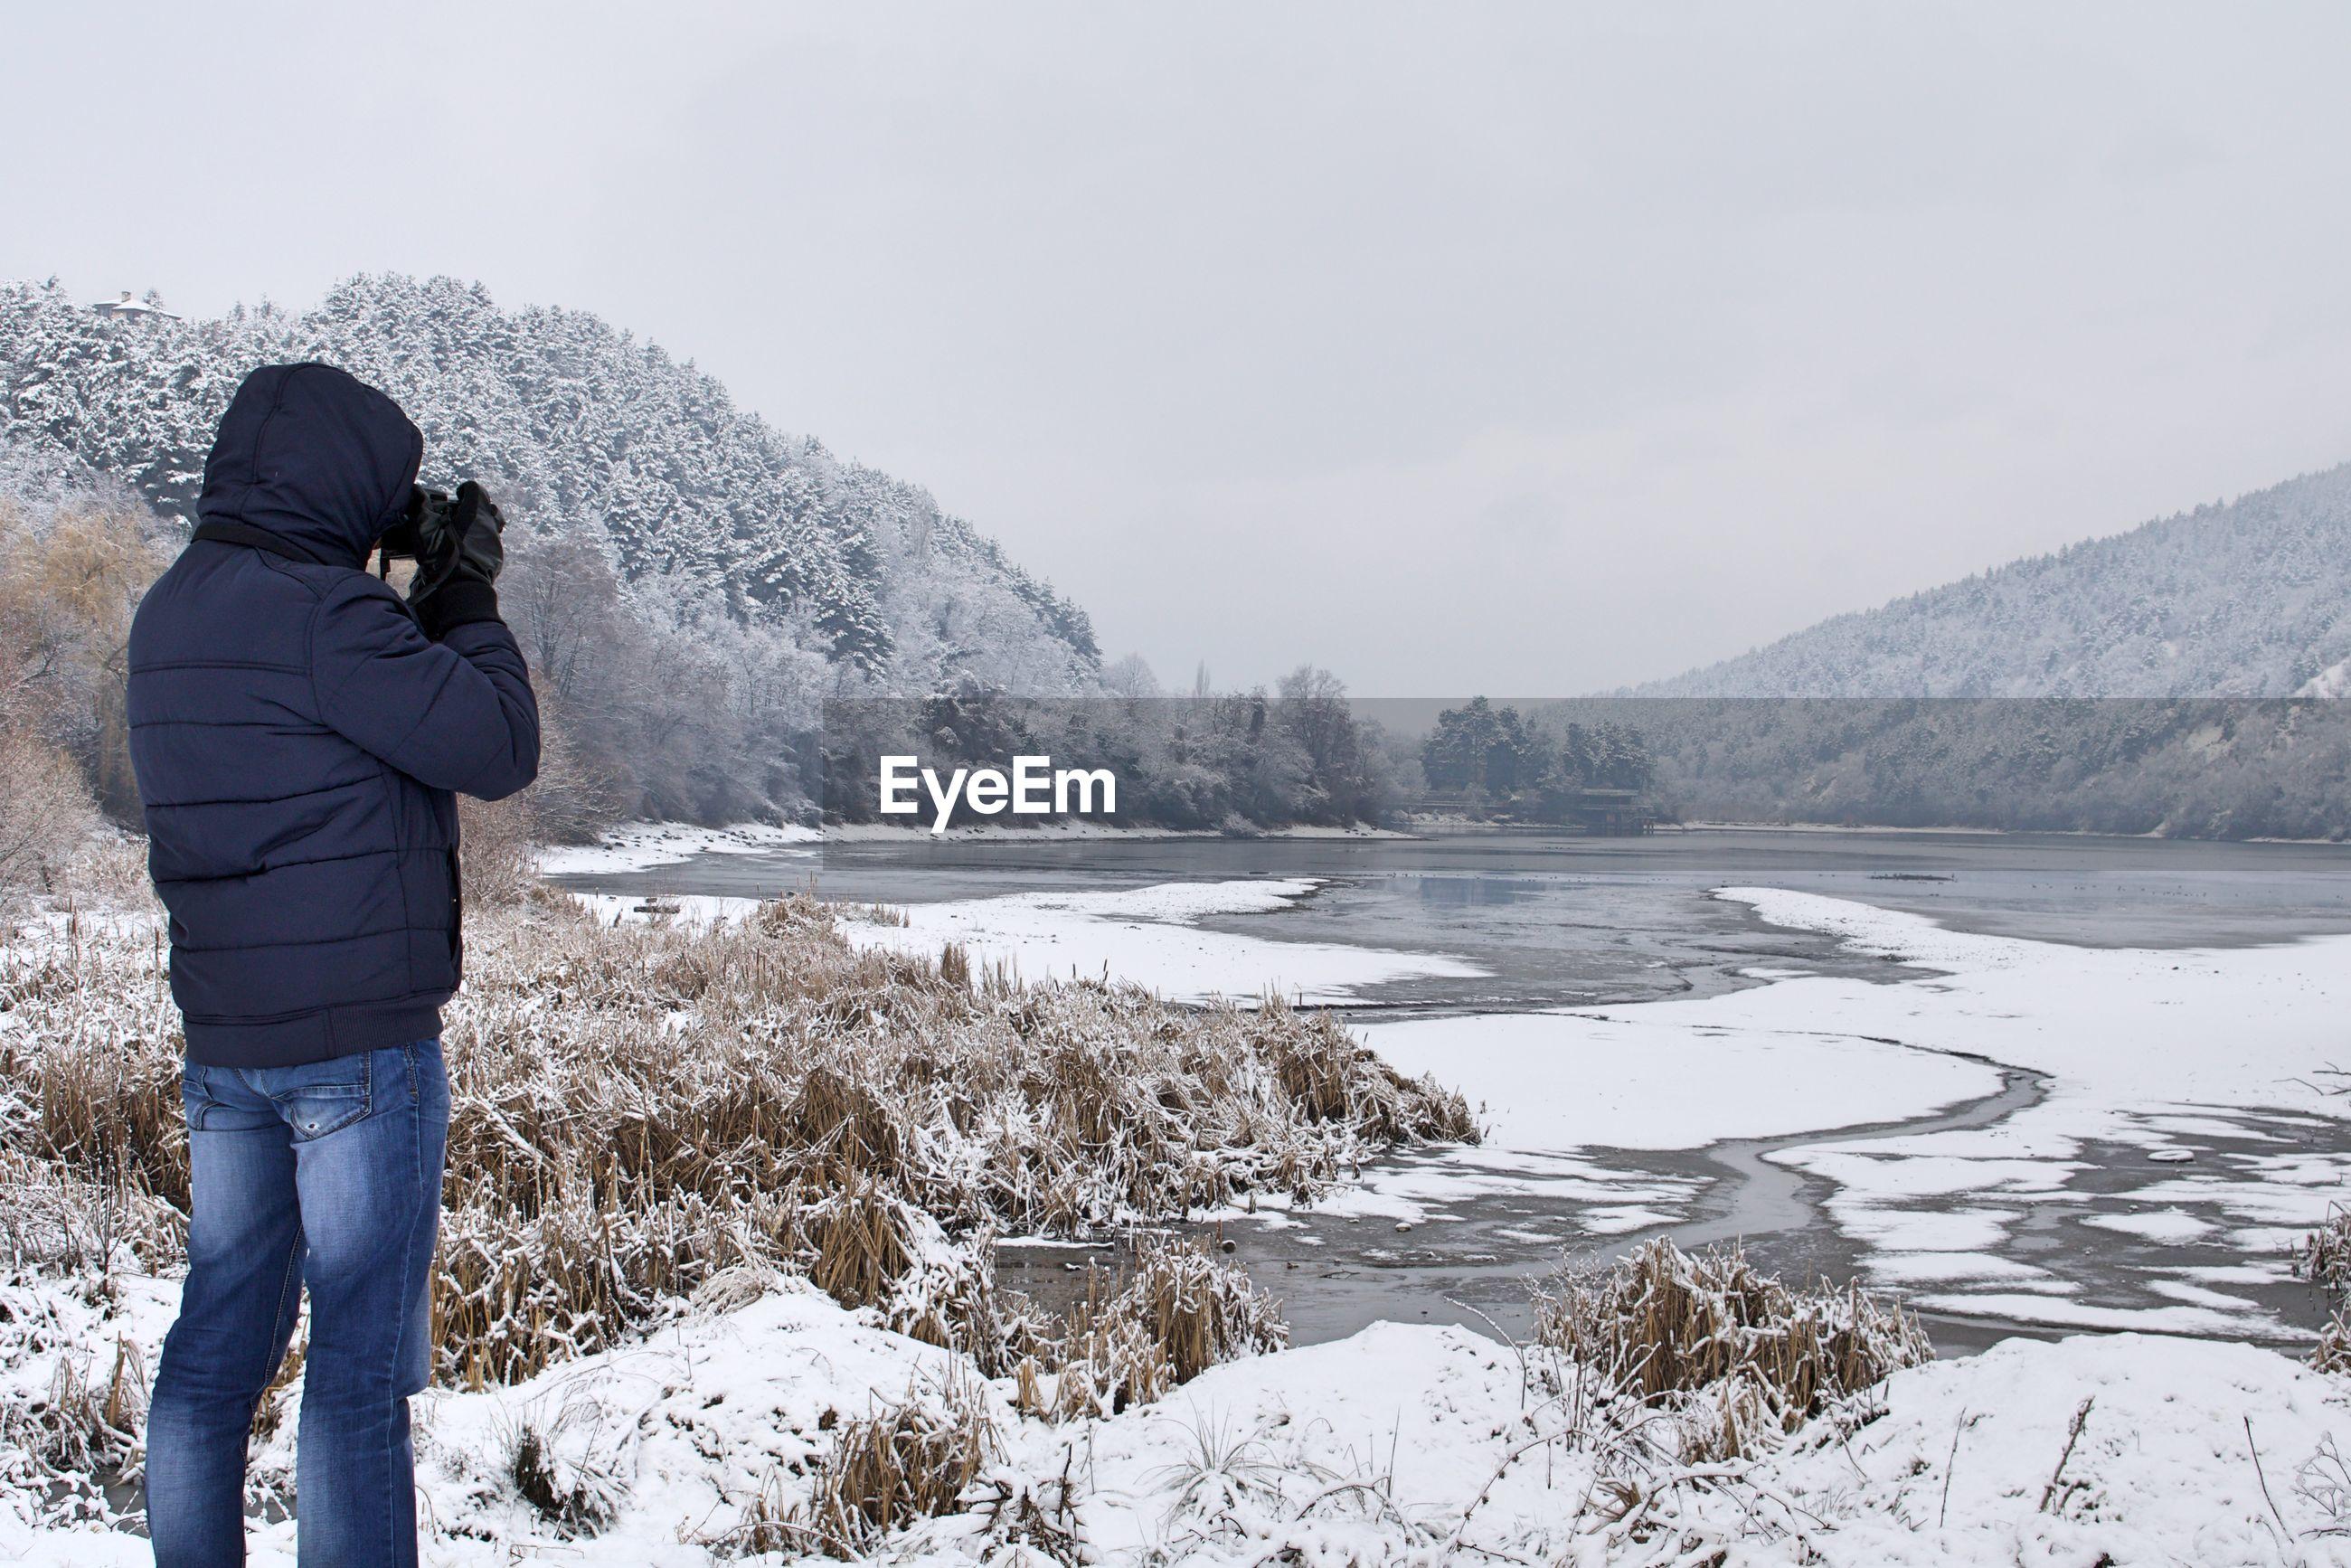 Man photographing frozen lake